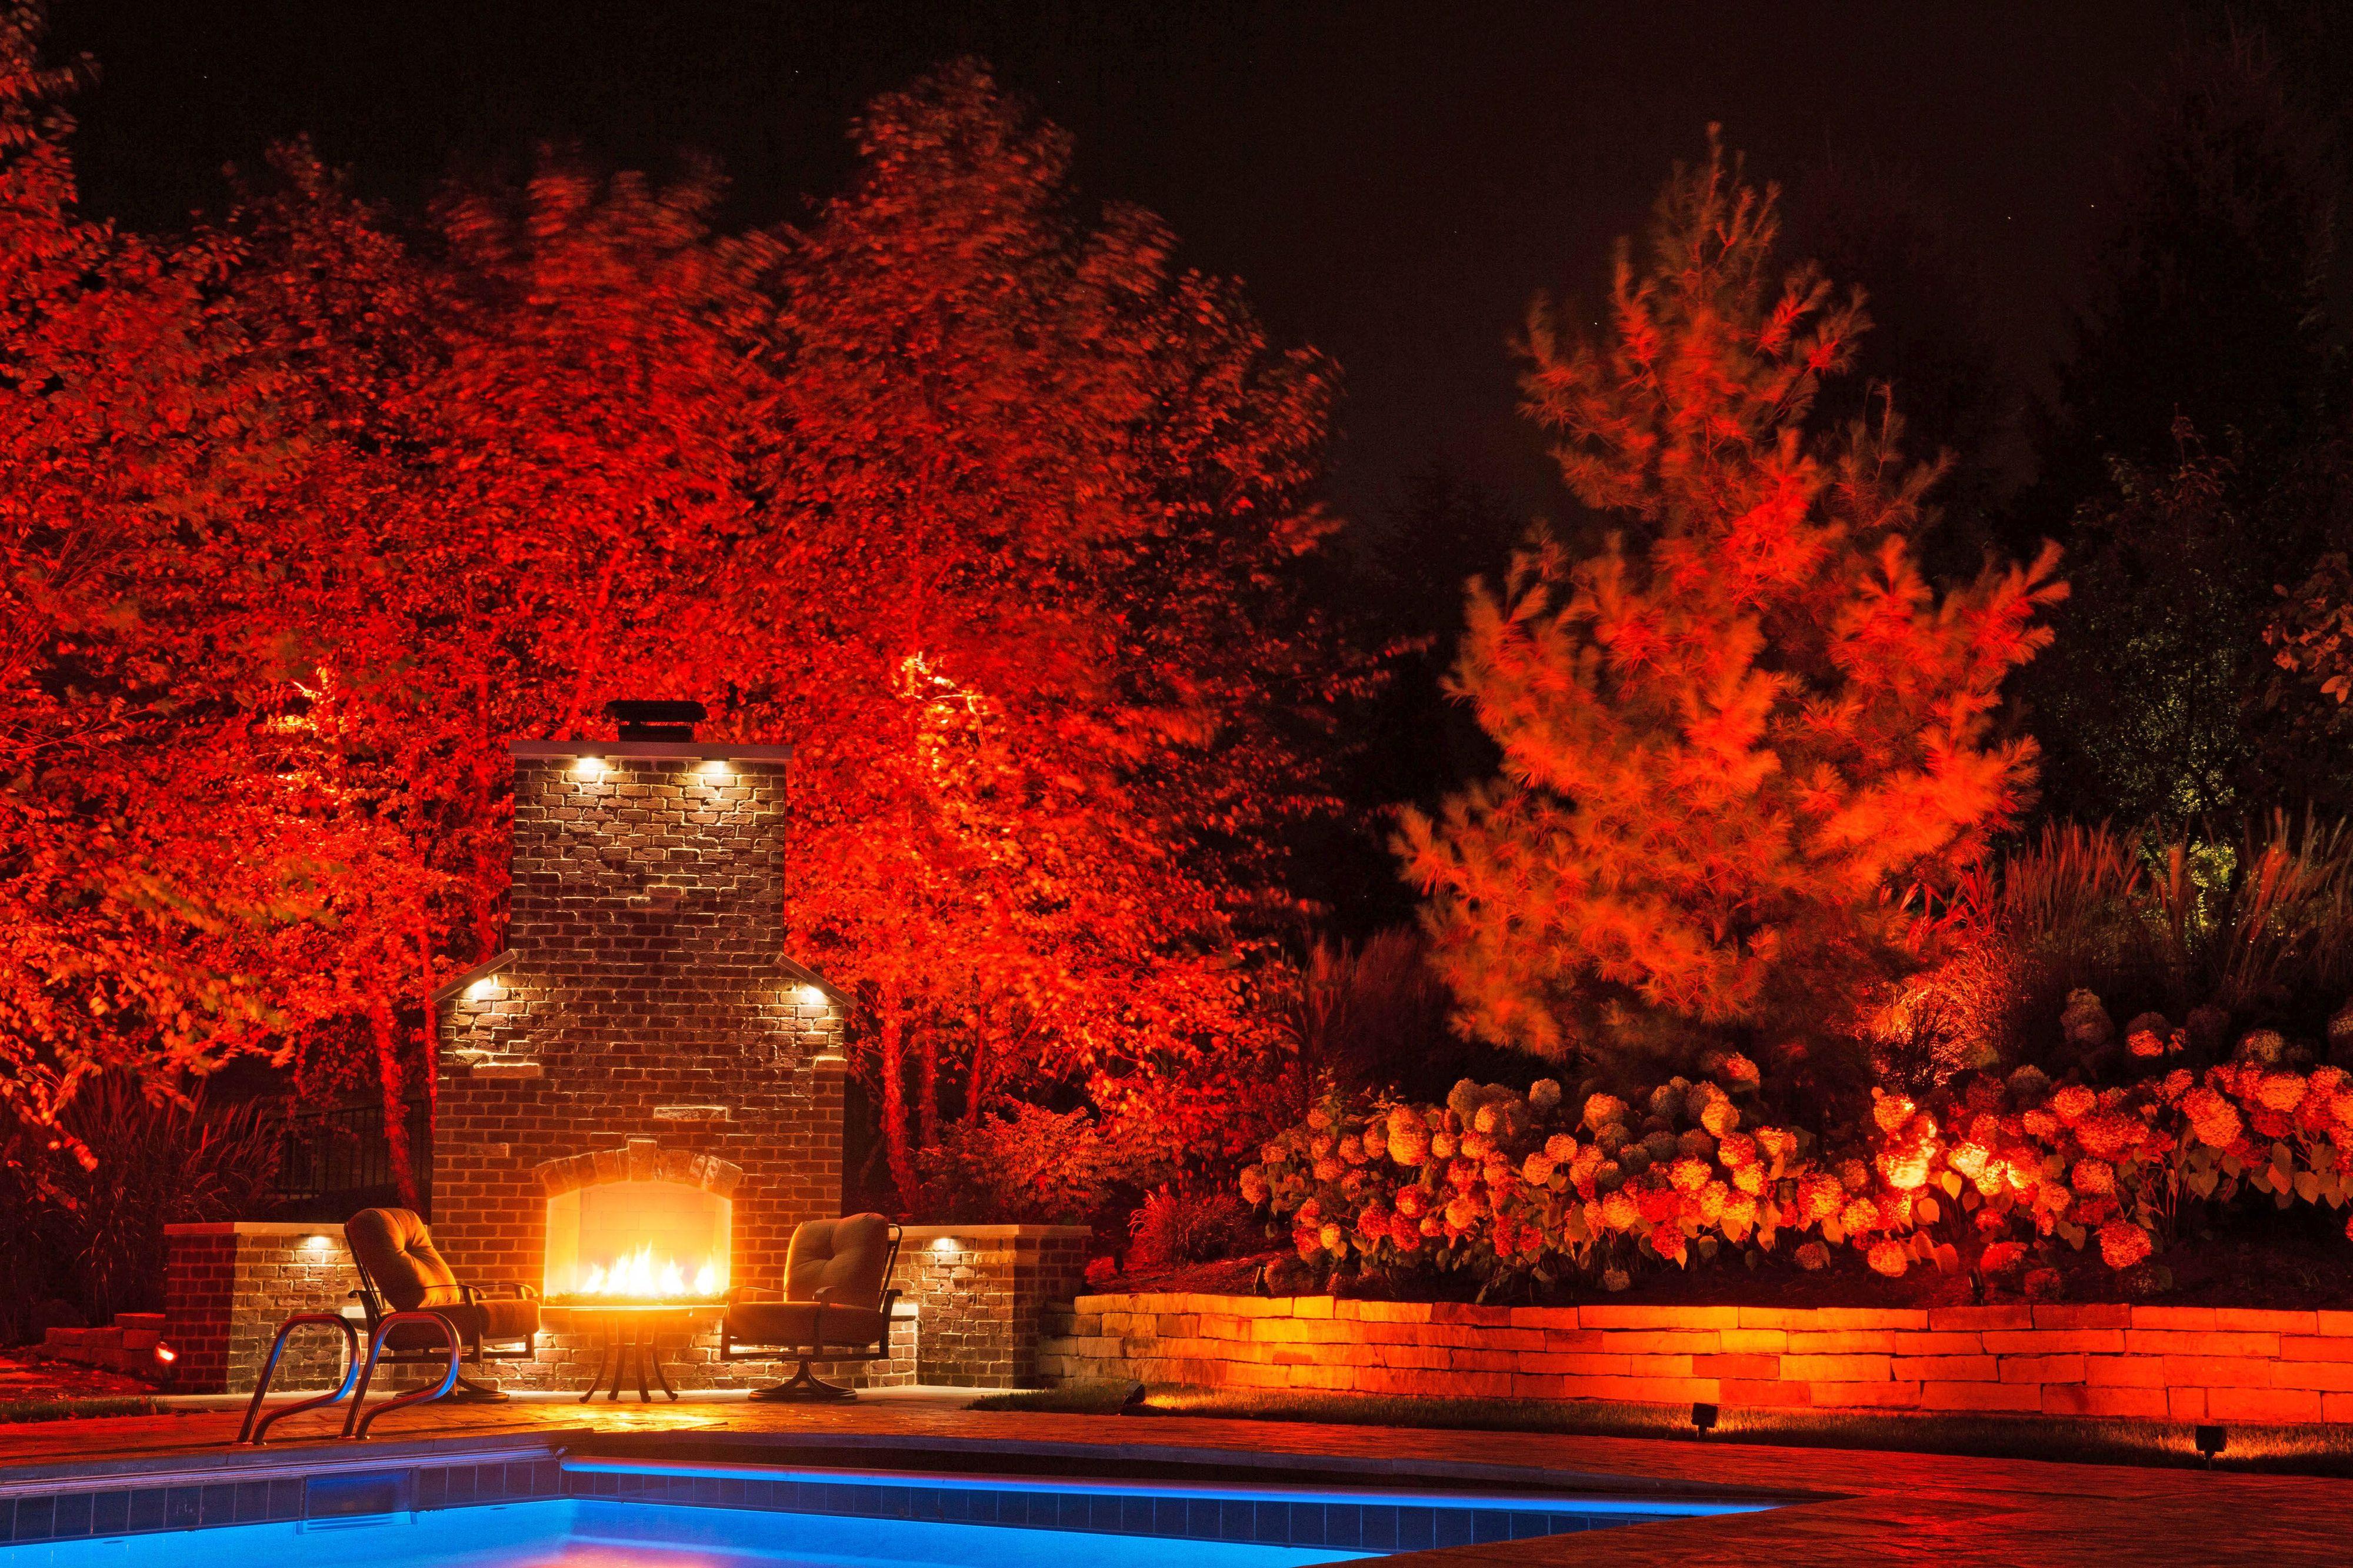 Die passende Beleuchtung bringt den Garten zum Strahlen. Bei modernen LED-Elementen lassen sich Lichtfarbe und Stärke individuell nach Wunsch regulieren. Foto: djd/www.rainpro.de